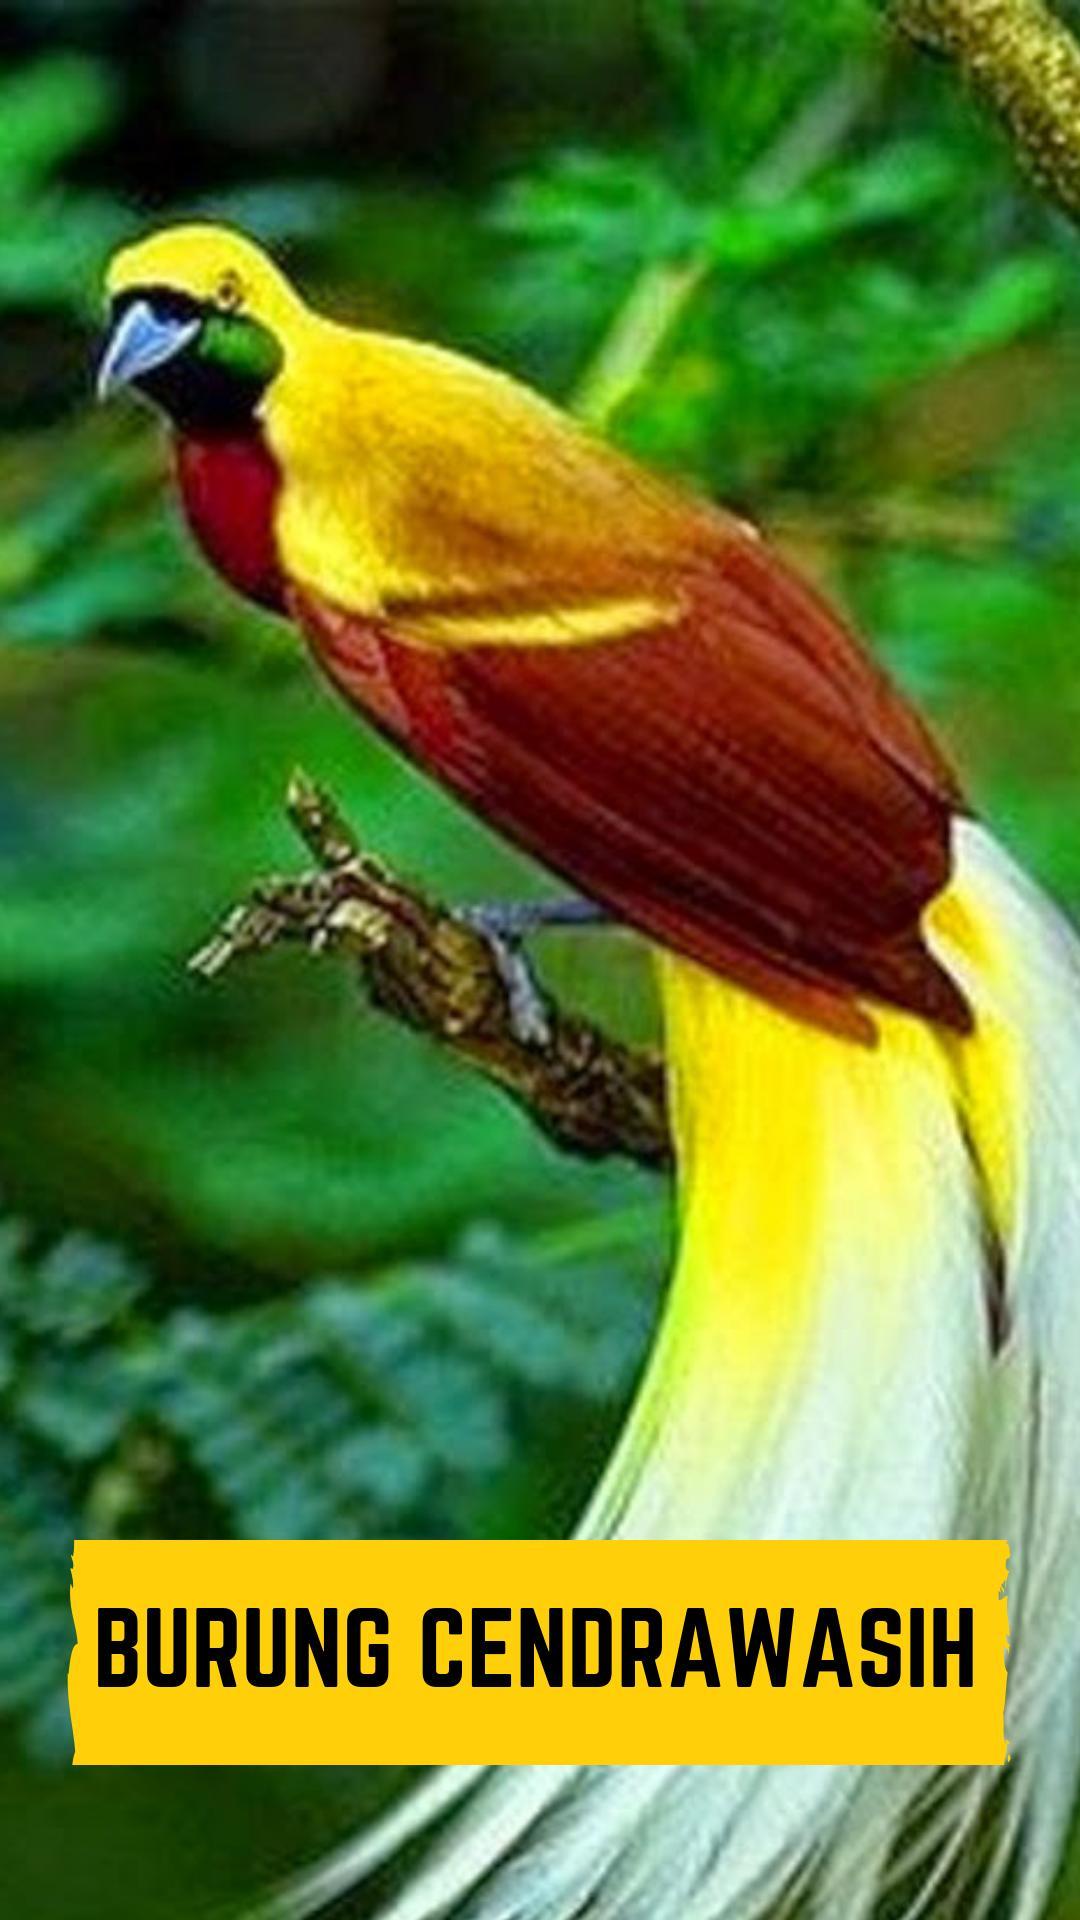 7800 Koleksi Gambar Burung Cendrawasih Google Gratis Terbaru